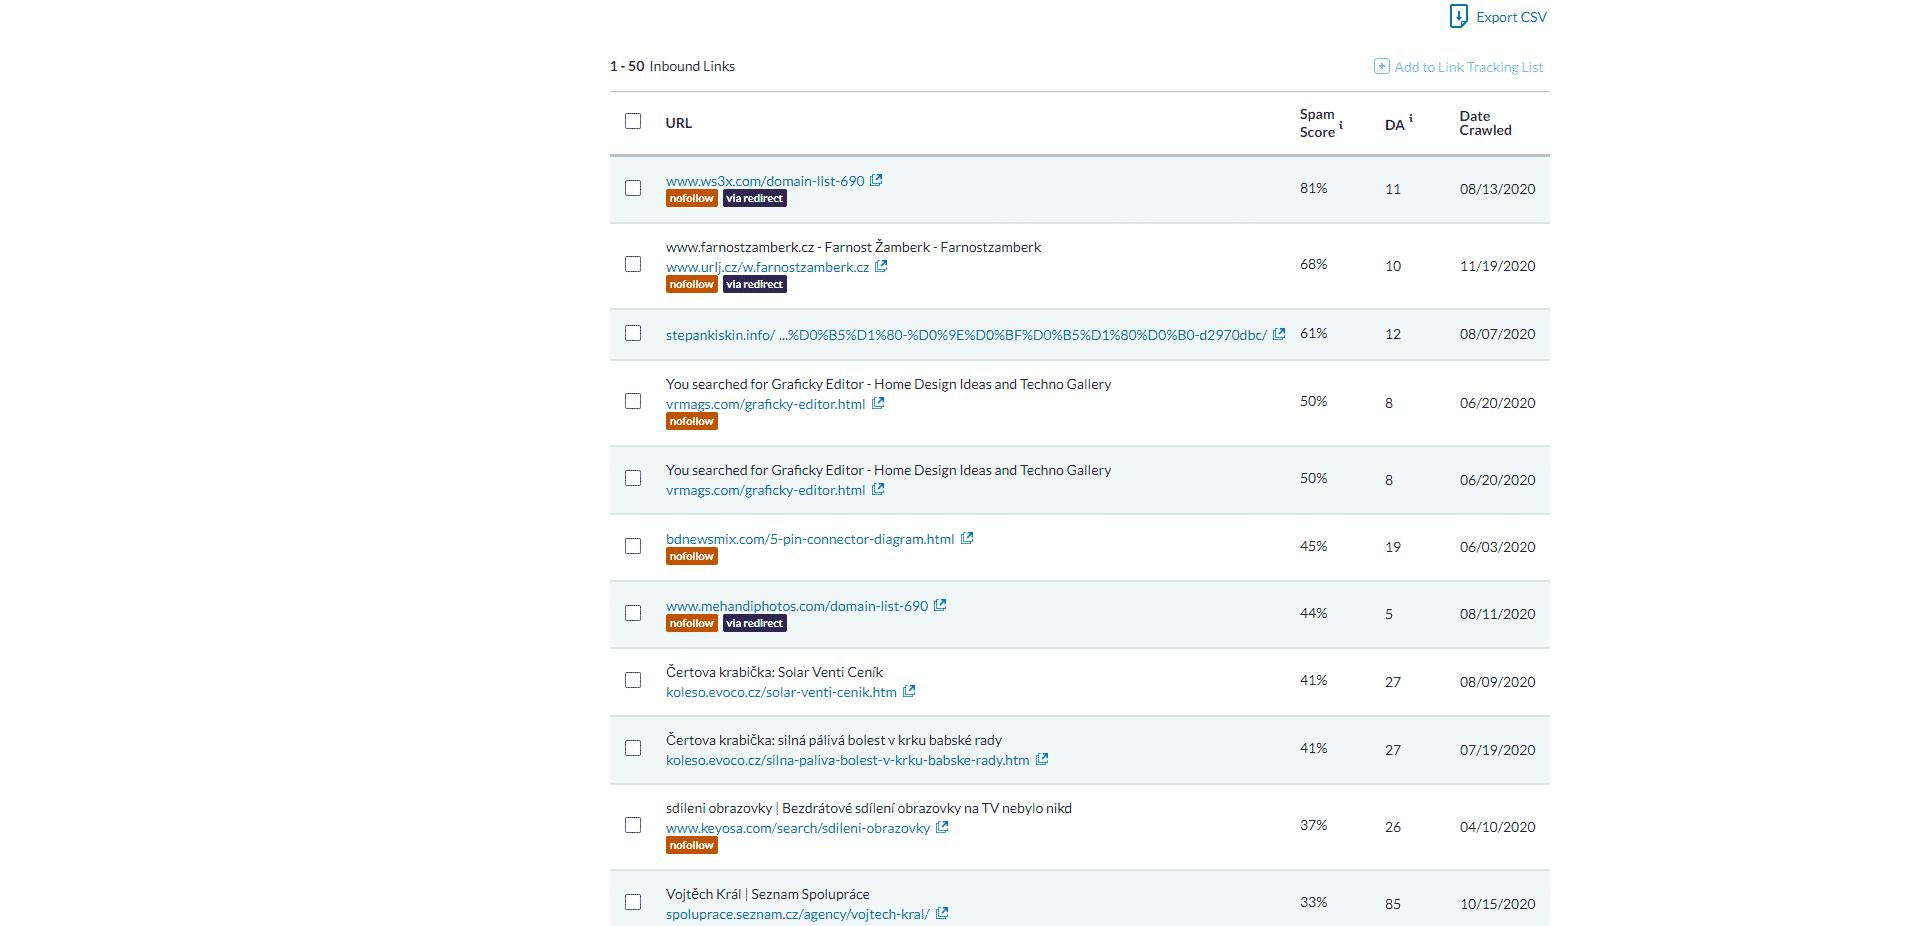 Spam Score nástroje Moz Pro